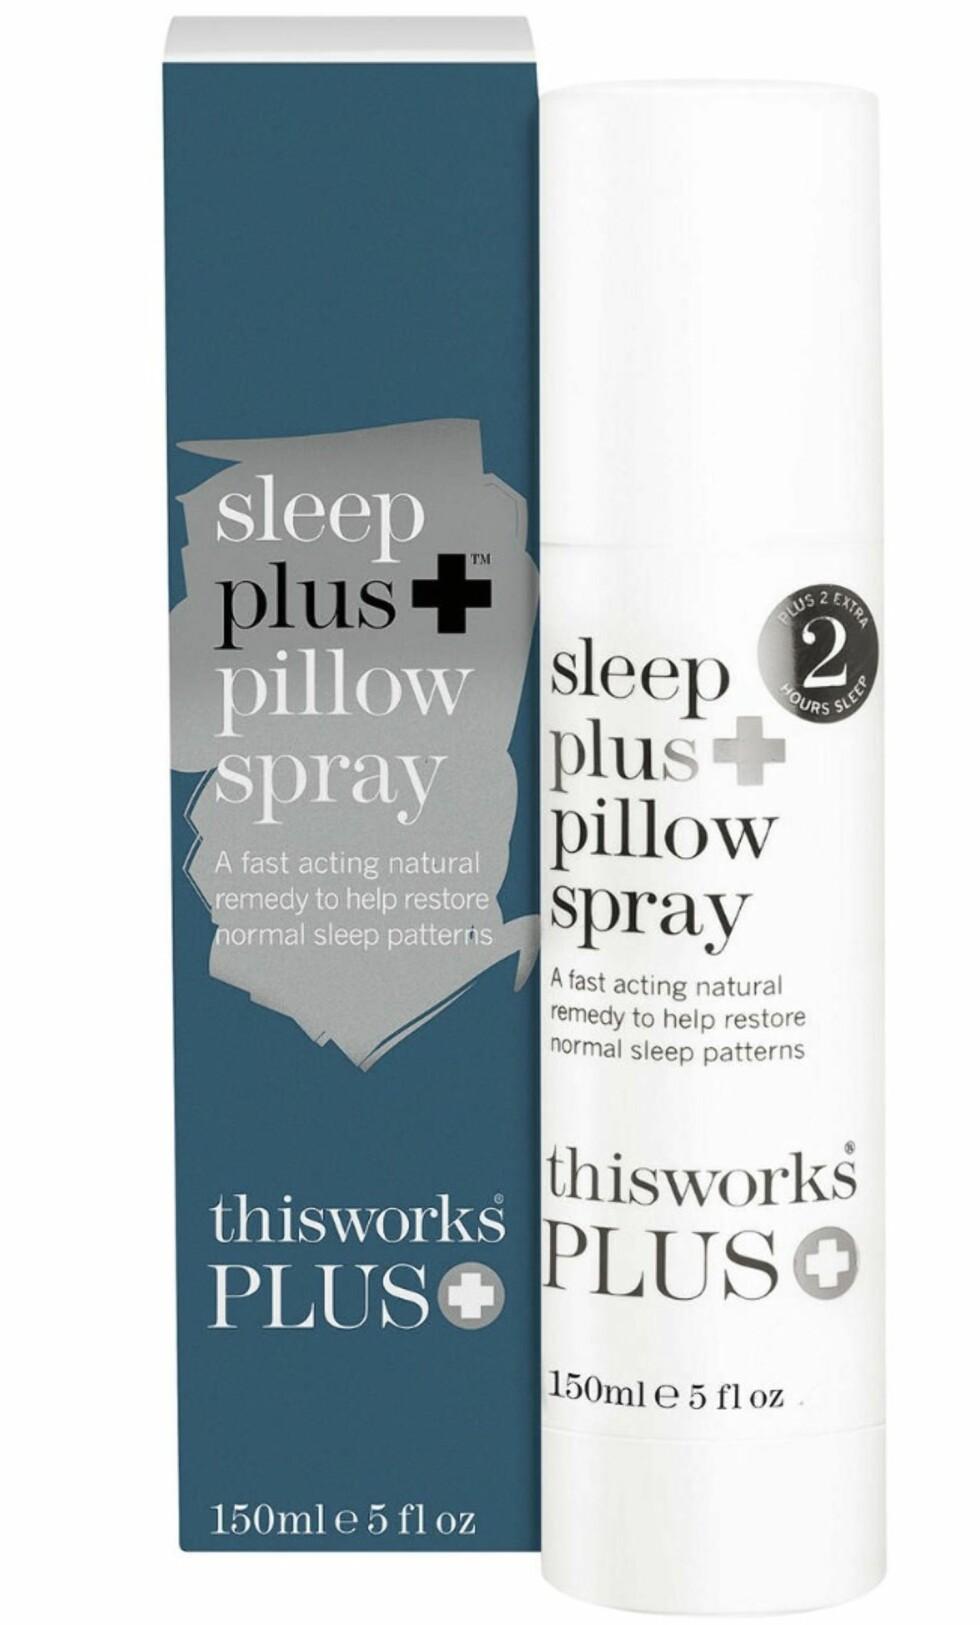 Skal frigjøre søvndyssende molekyler hele natten (kr 420, This Works, Sleep Plus Pillow Spray).